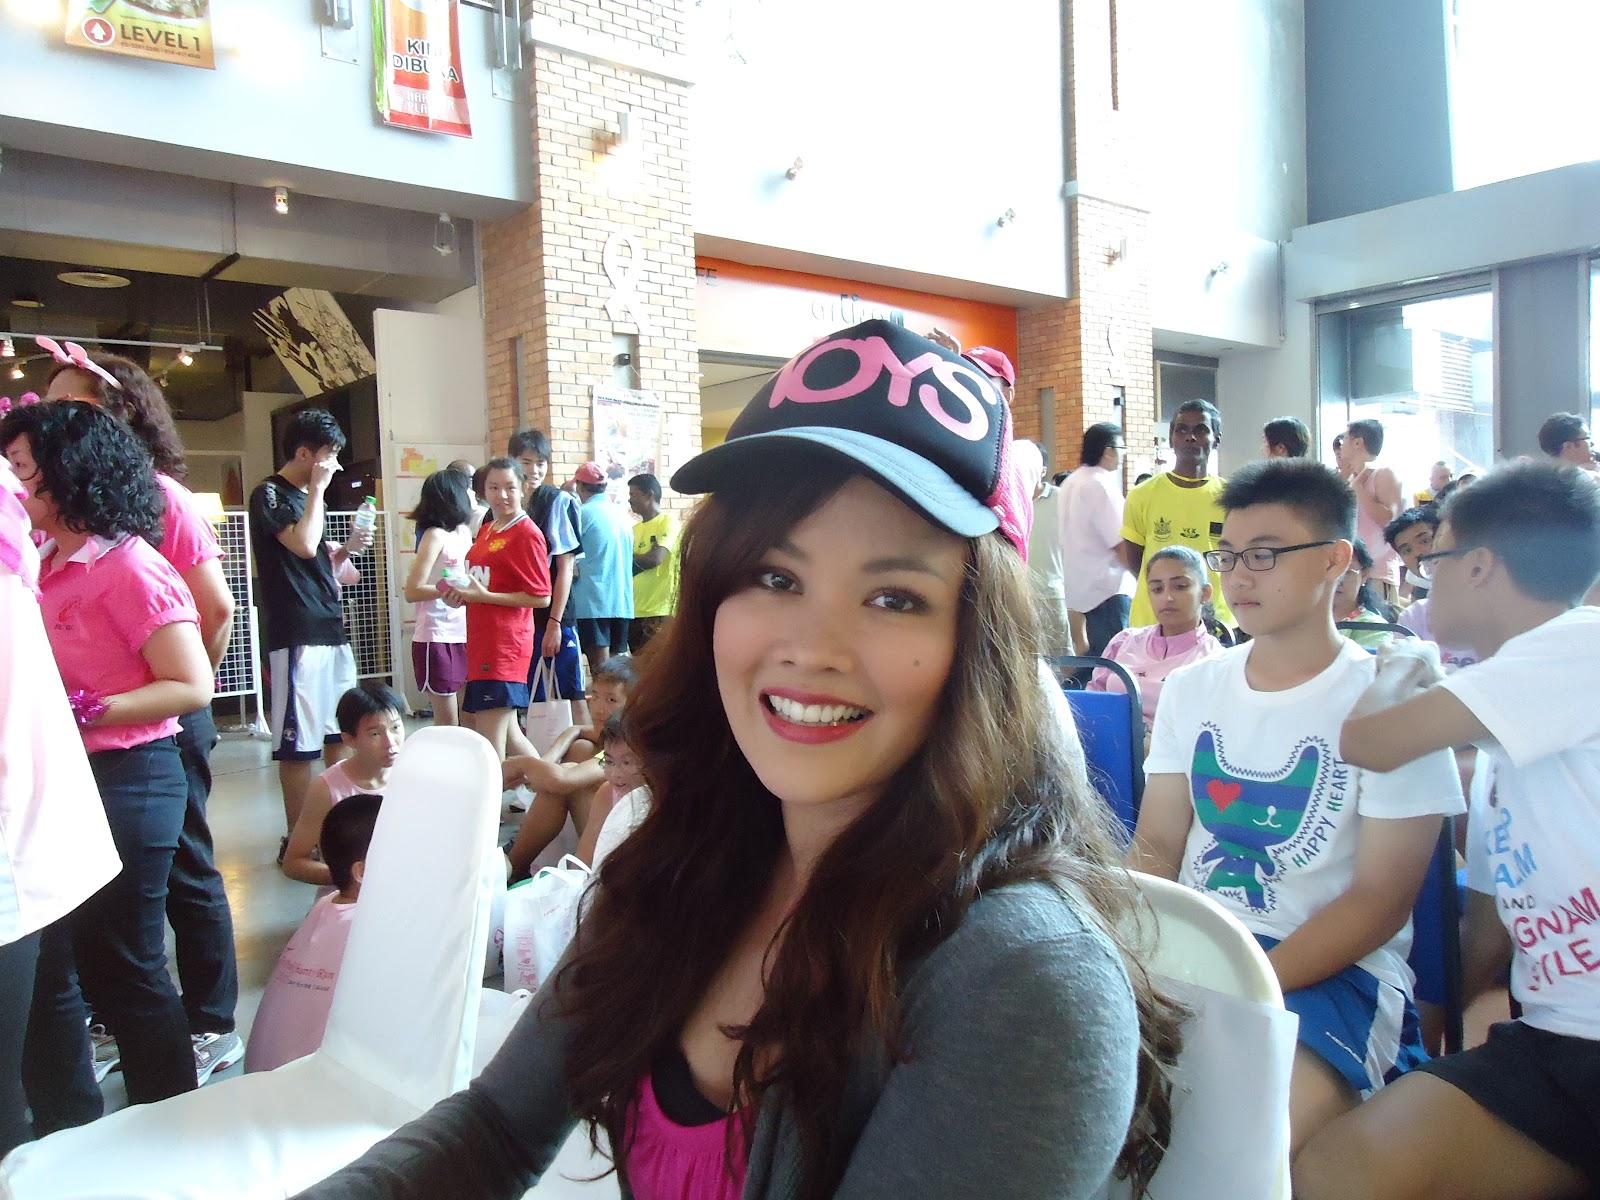 http://2.bp.blogspot.com/-rvRf1JcDPfQ/UHQbACLvx8I/AAAAAAAAF6w/bMqFXiUKGWM/s1600/pink+charity+run+2012+043.jpg